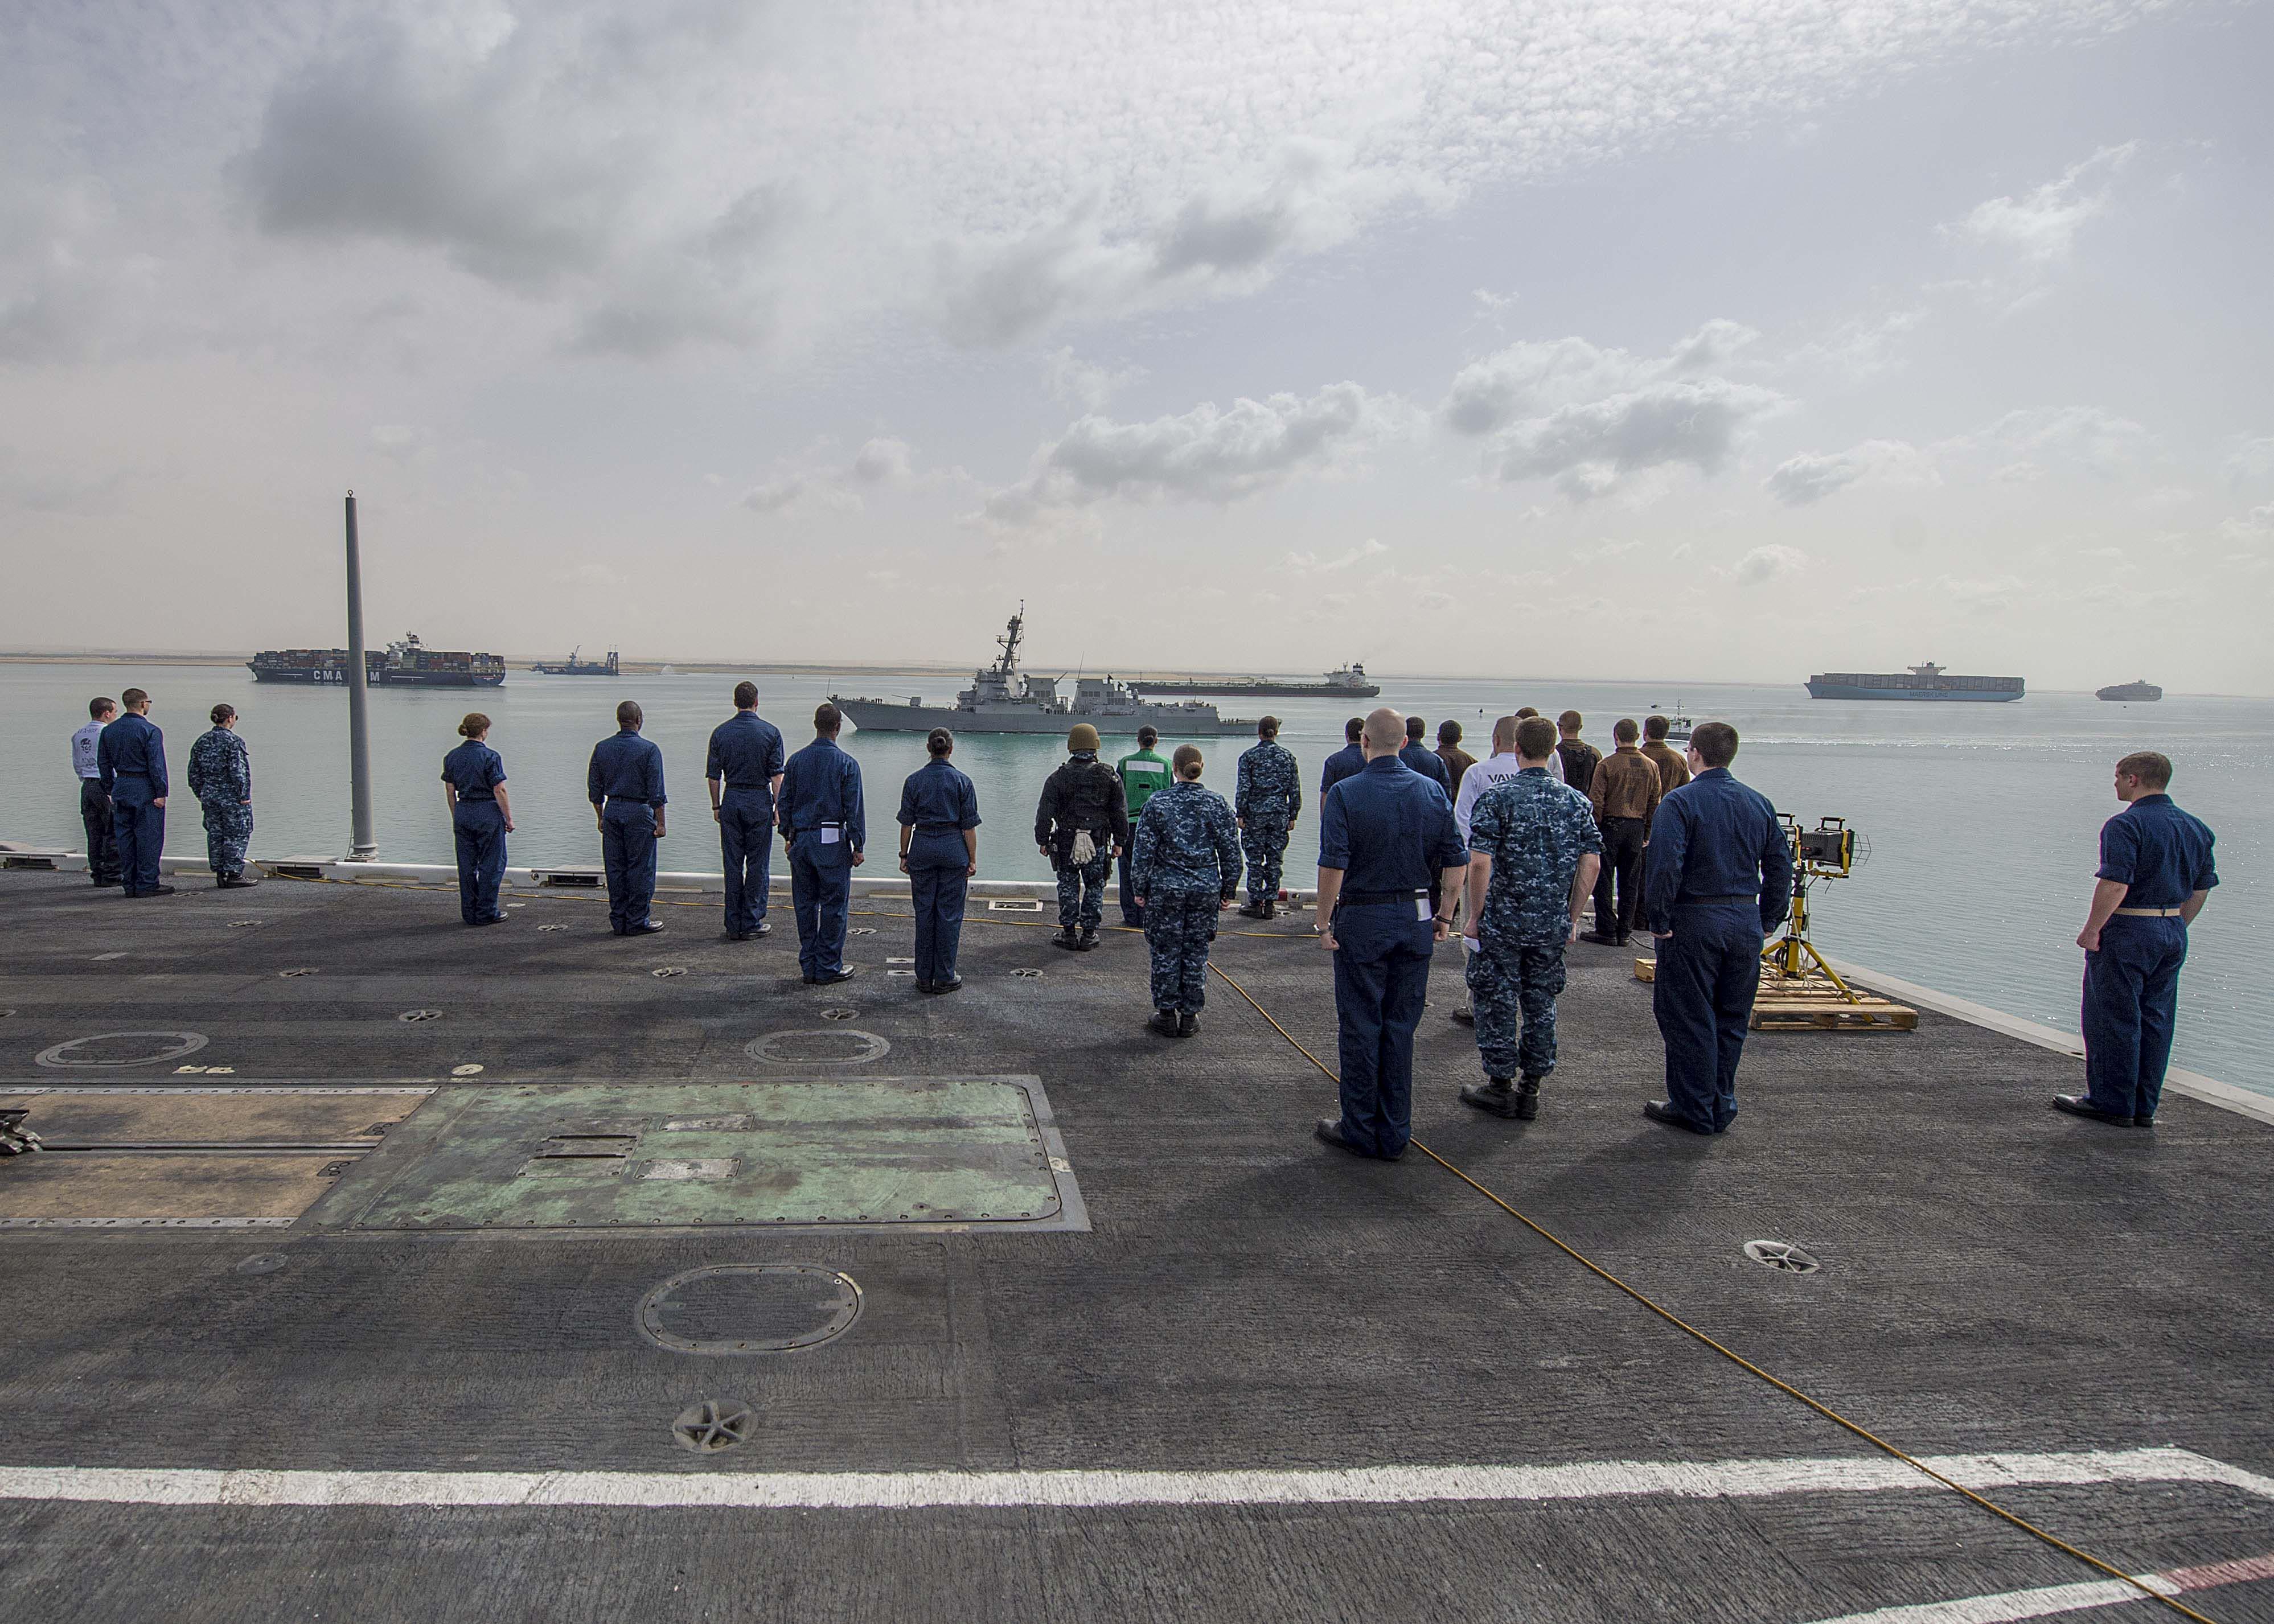 USS JASON DUNHAM DDG-109 passiert am 16.03.2013 die USS DWIGHT D. EISENHOWER CVN-69 im Suez-KanalBild: U.S. Navy